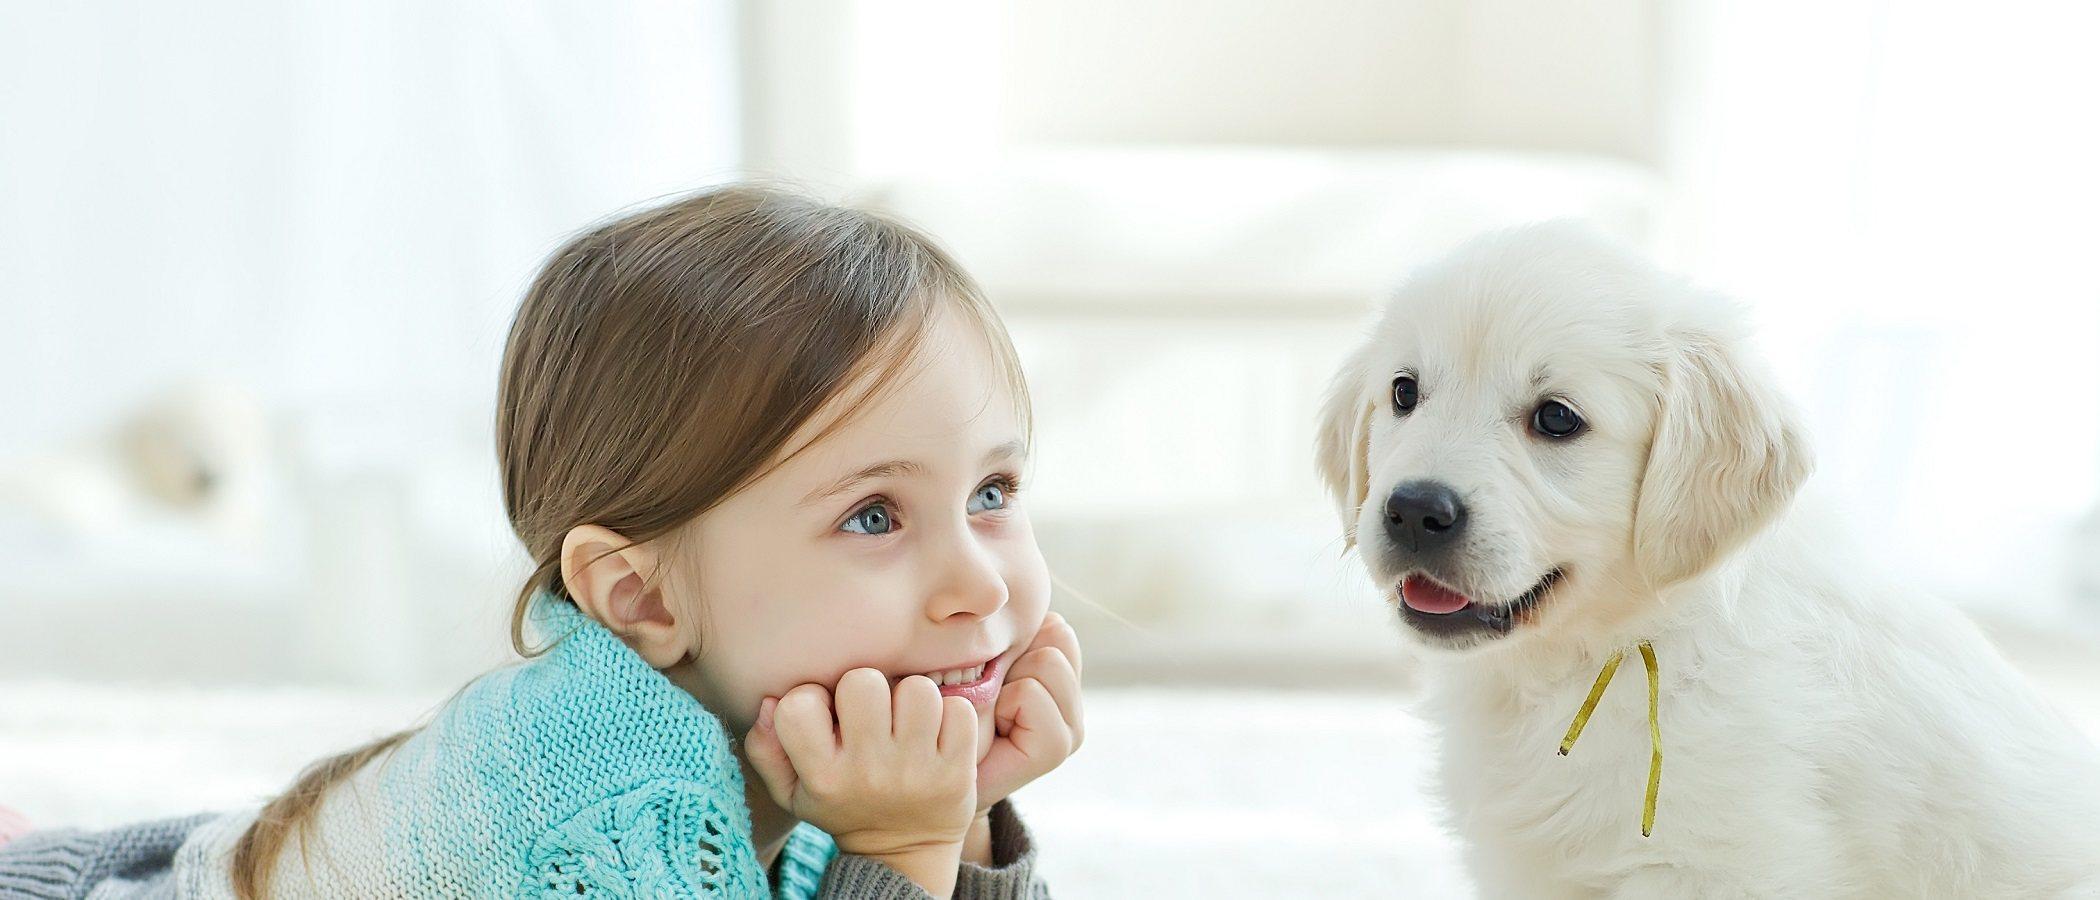 Terapia con animales y niños con Necesidades Educativas Especiales